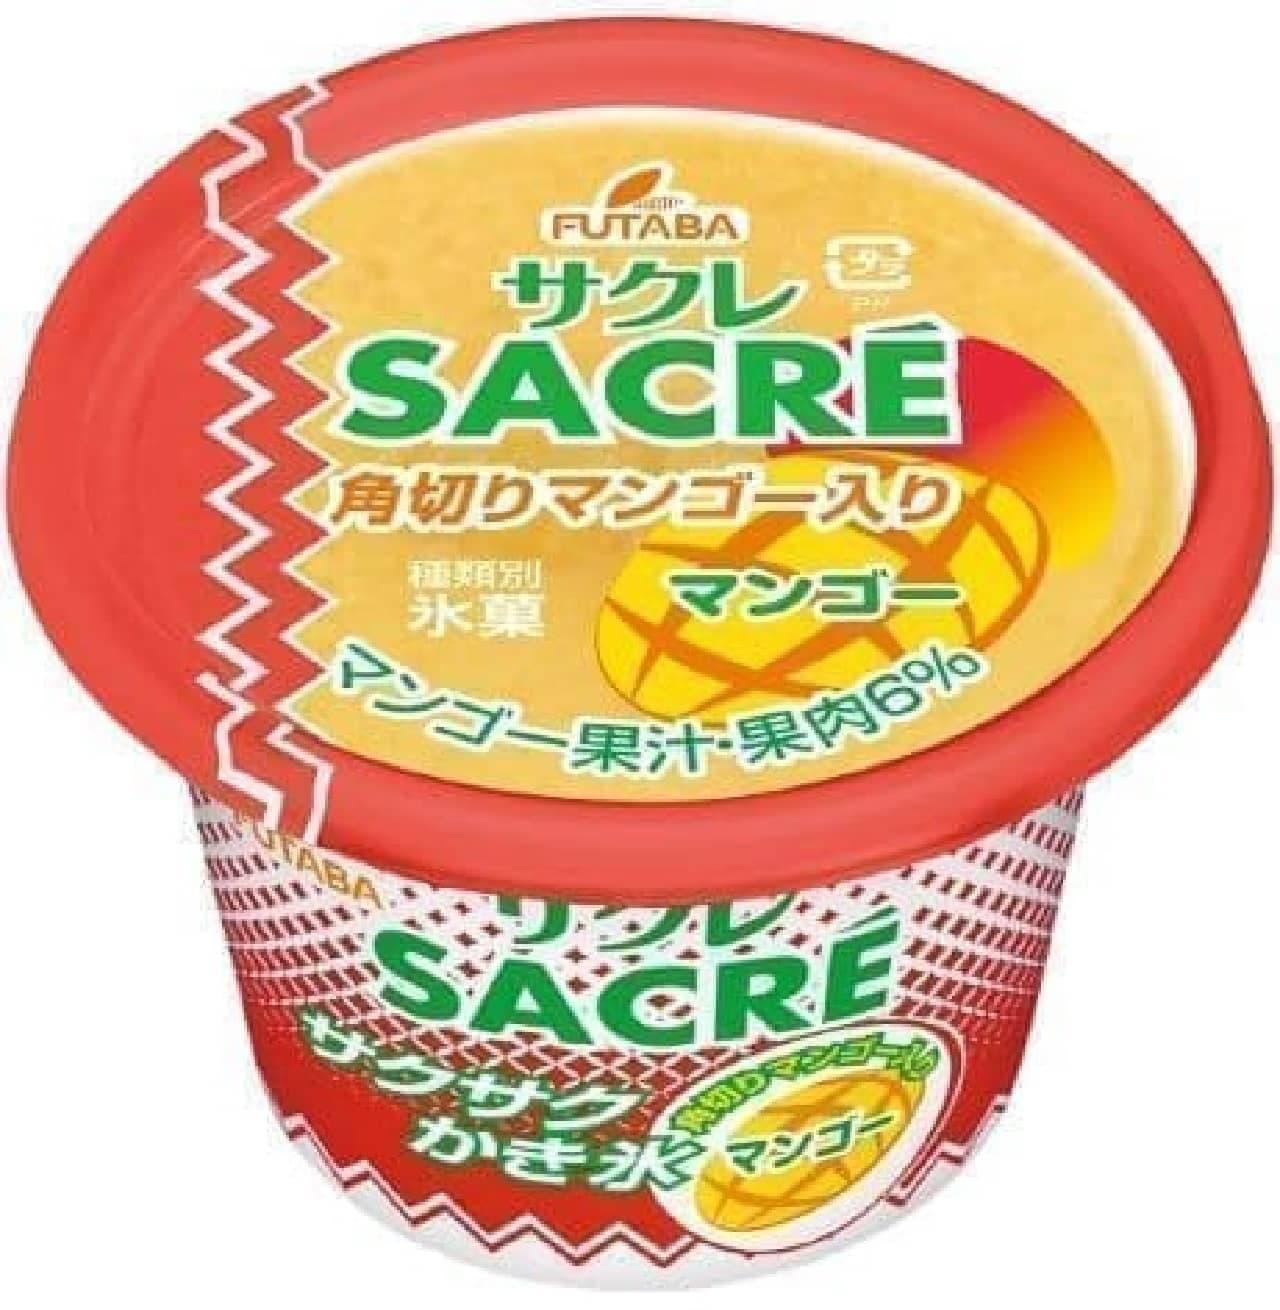 「サクレ」味のラインナップまとめ